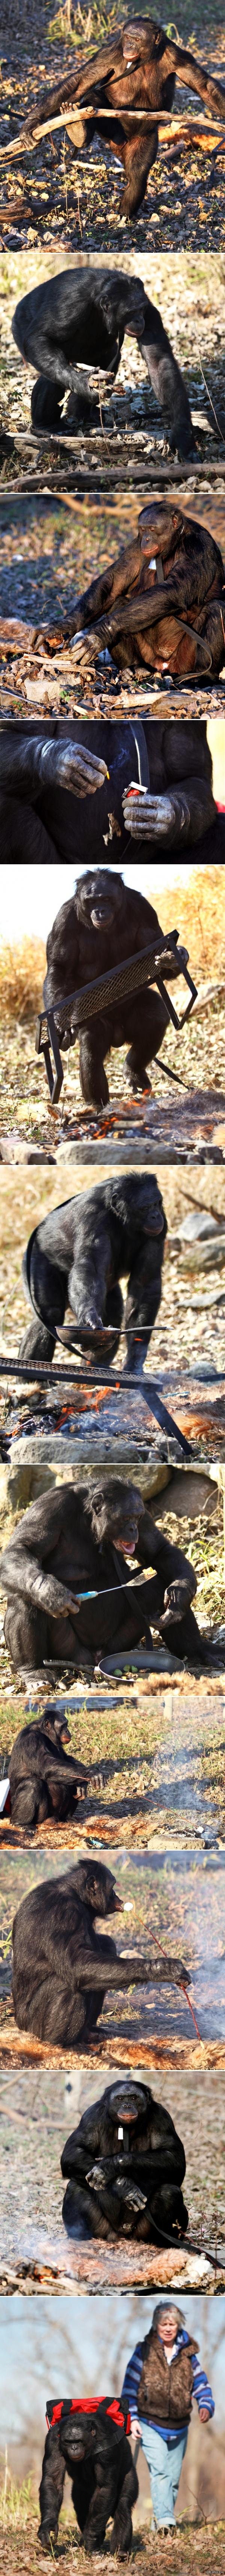 Шимпанзе Бонобо умеют разводить огонь и готовить на нем еду Скоро научатся работать дворниками, бухать и материться (главное чтоб лезгинку не научились танцевать). в коментах видео